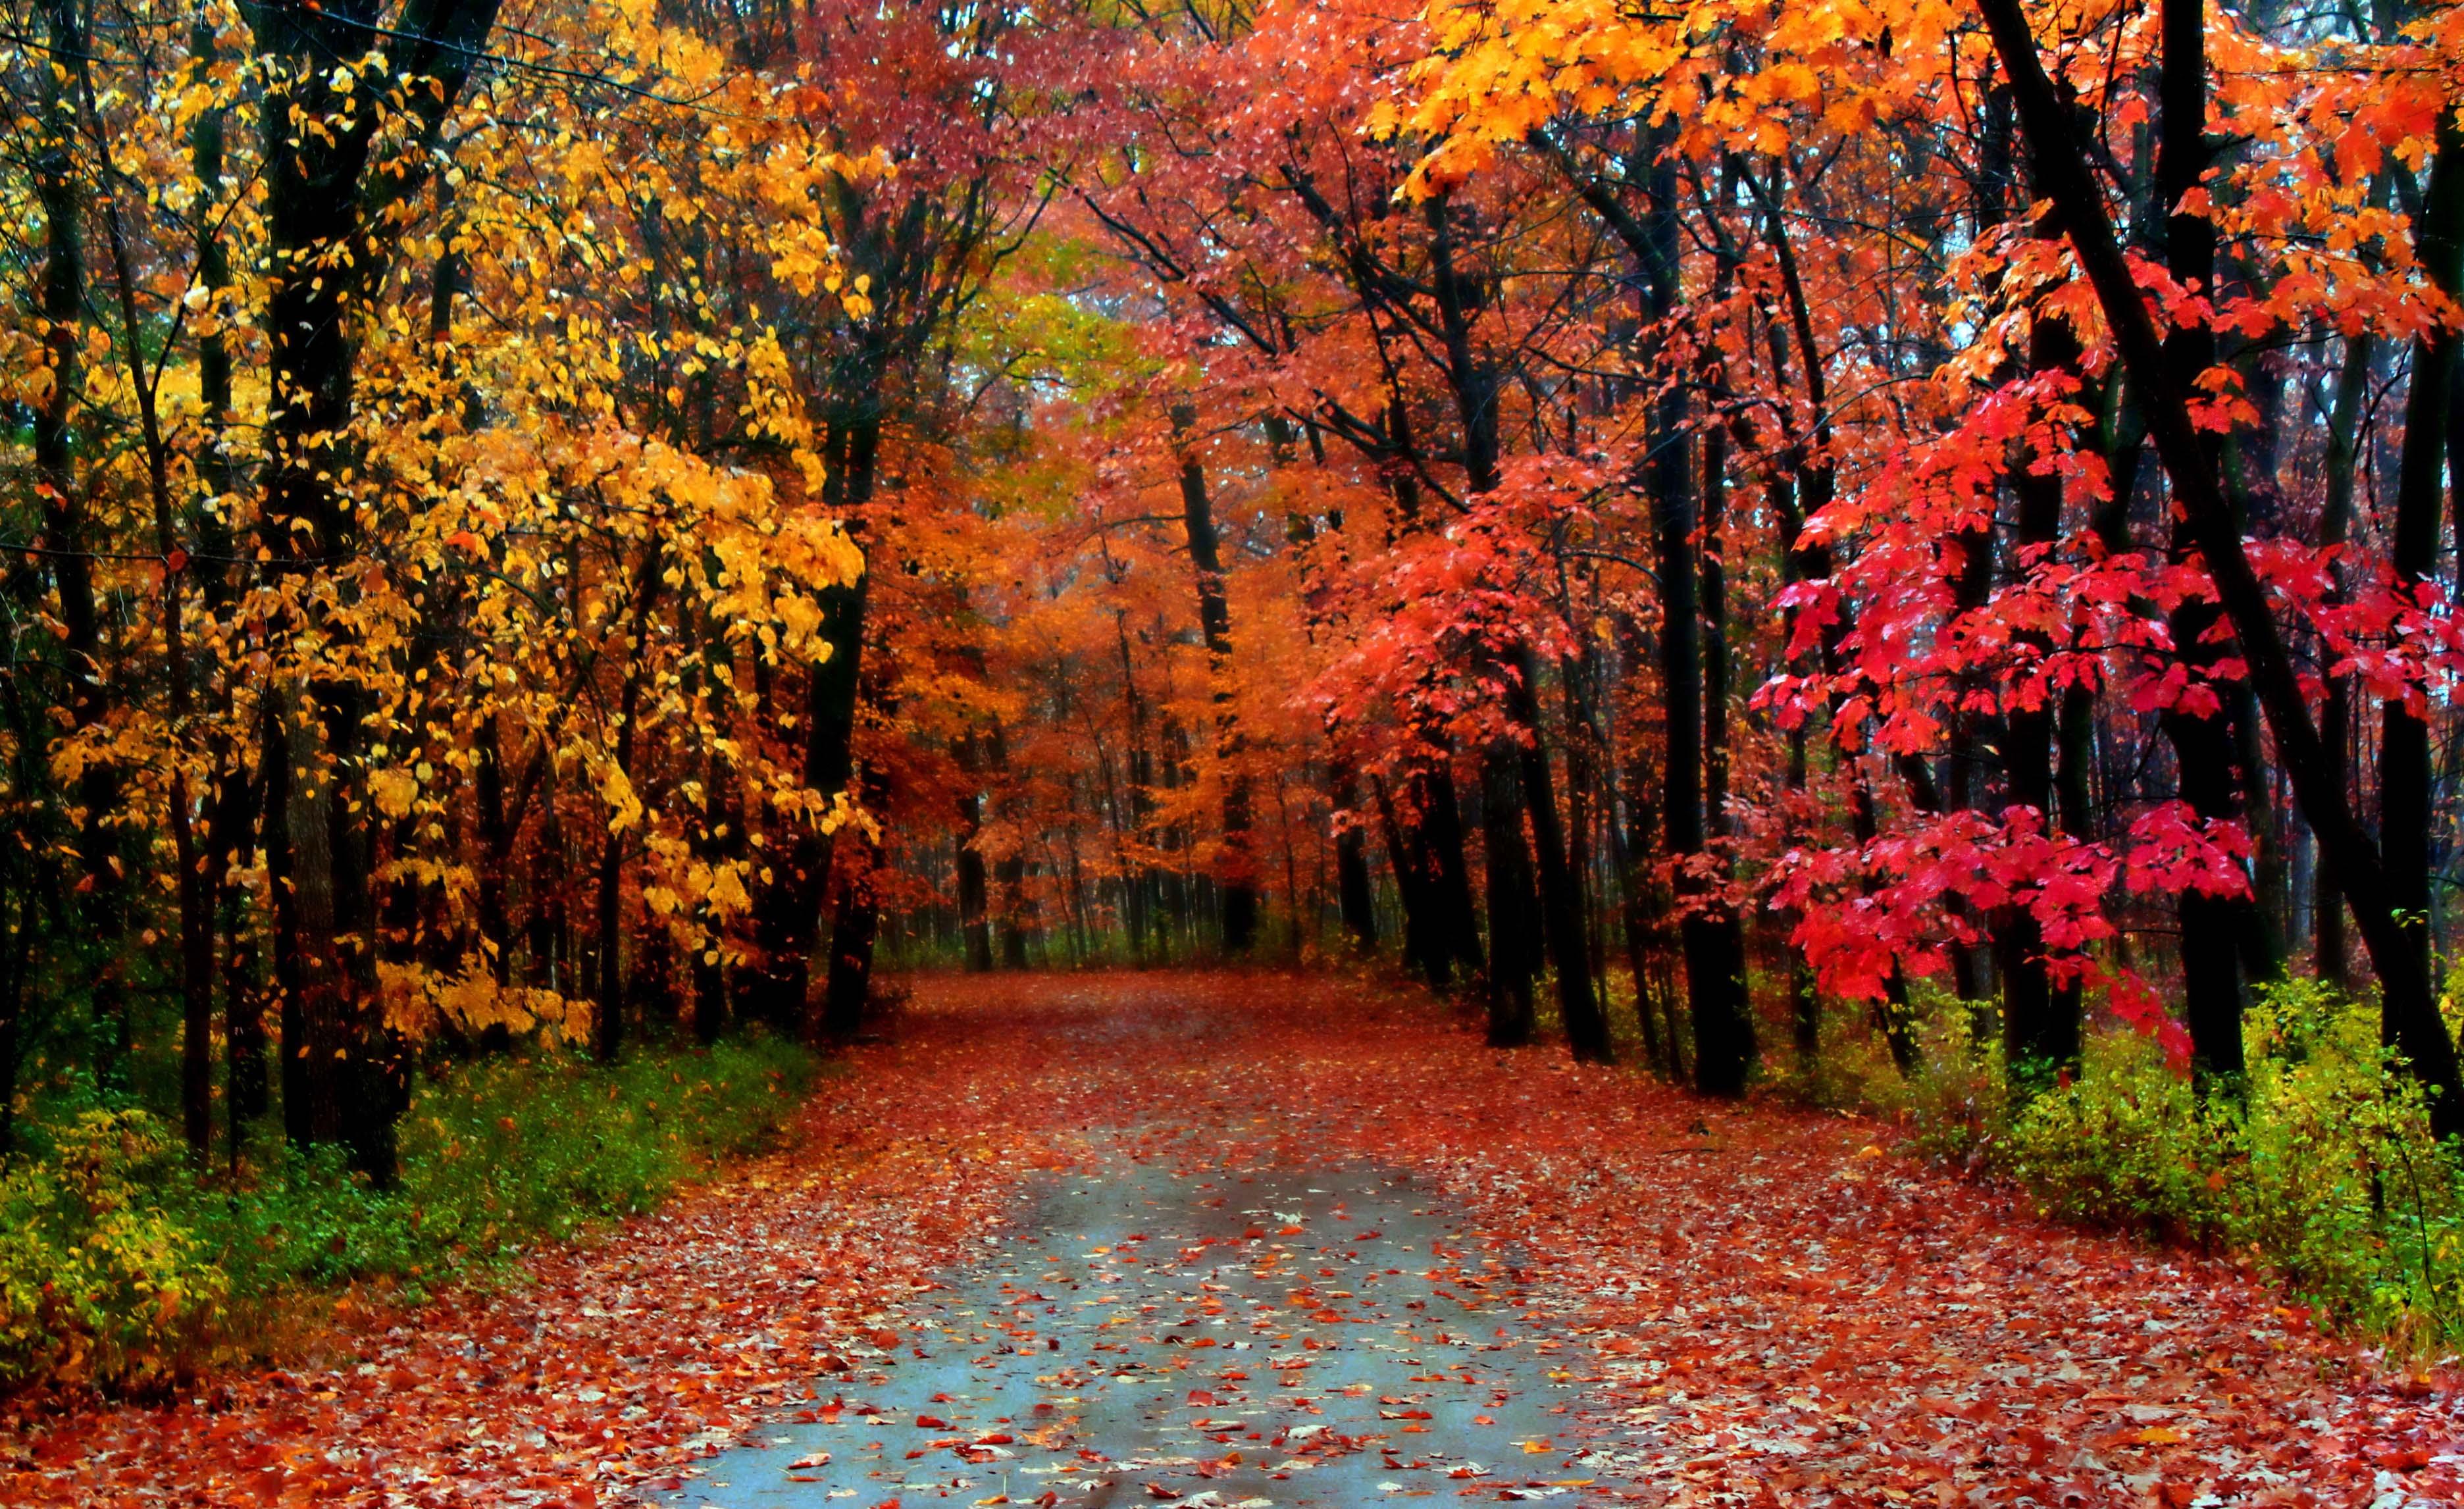 autumn season - photo #14